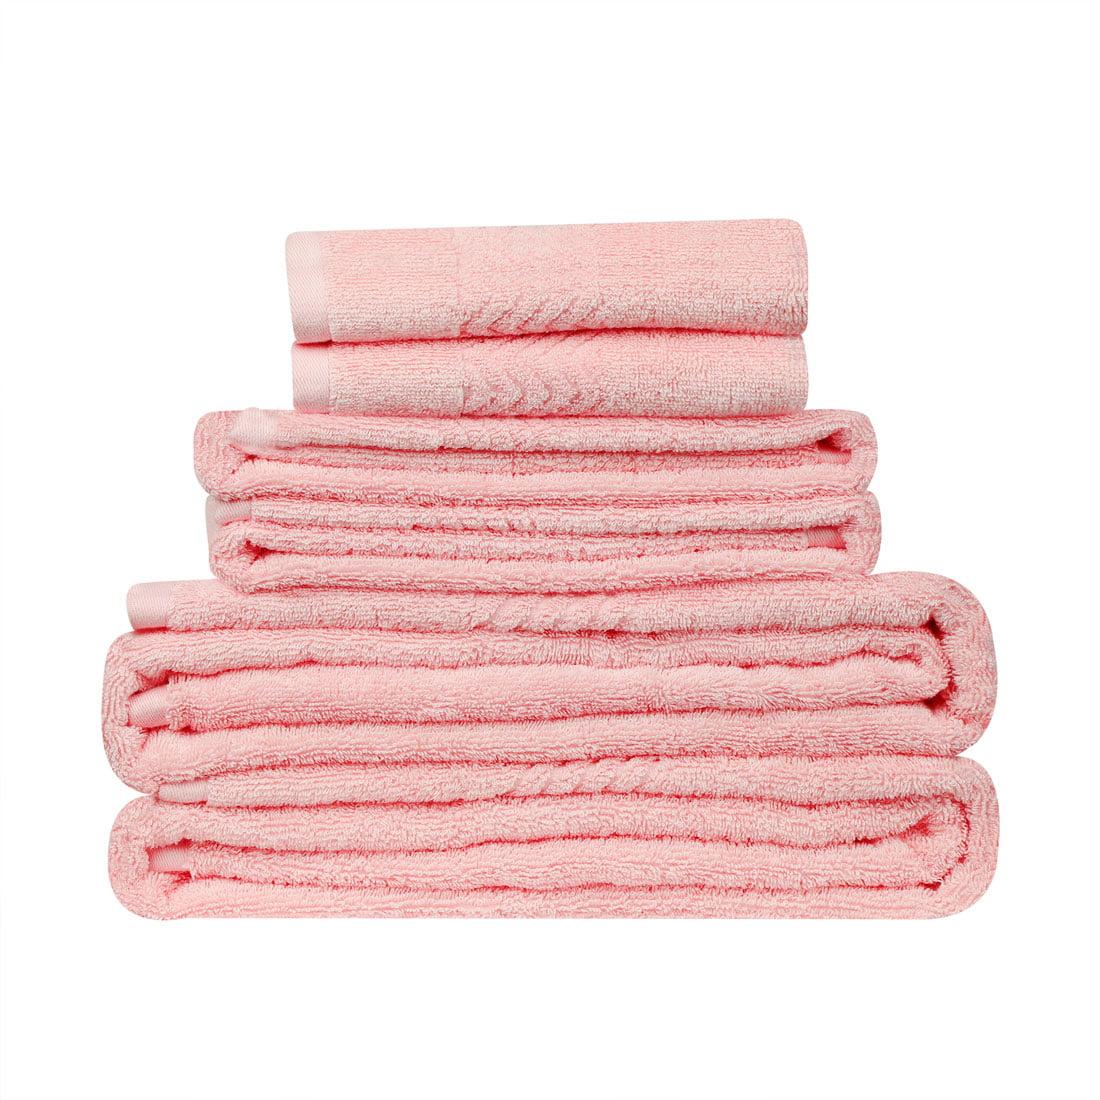 100% Cotton Bath Towel Set Soft Extra-Absorbent Bath Towels,Hand towels,Wash cloth